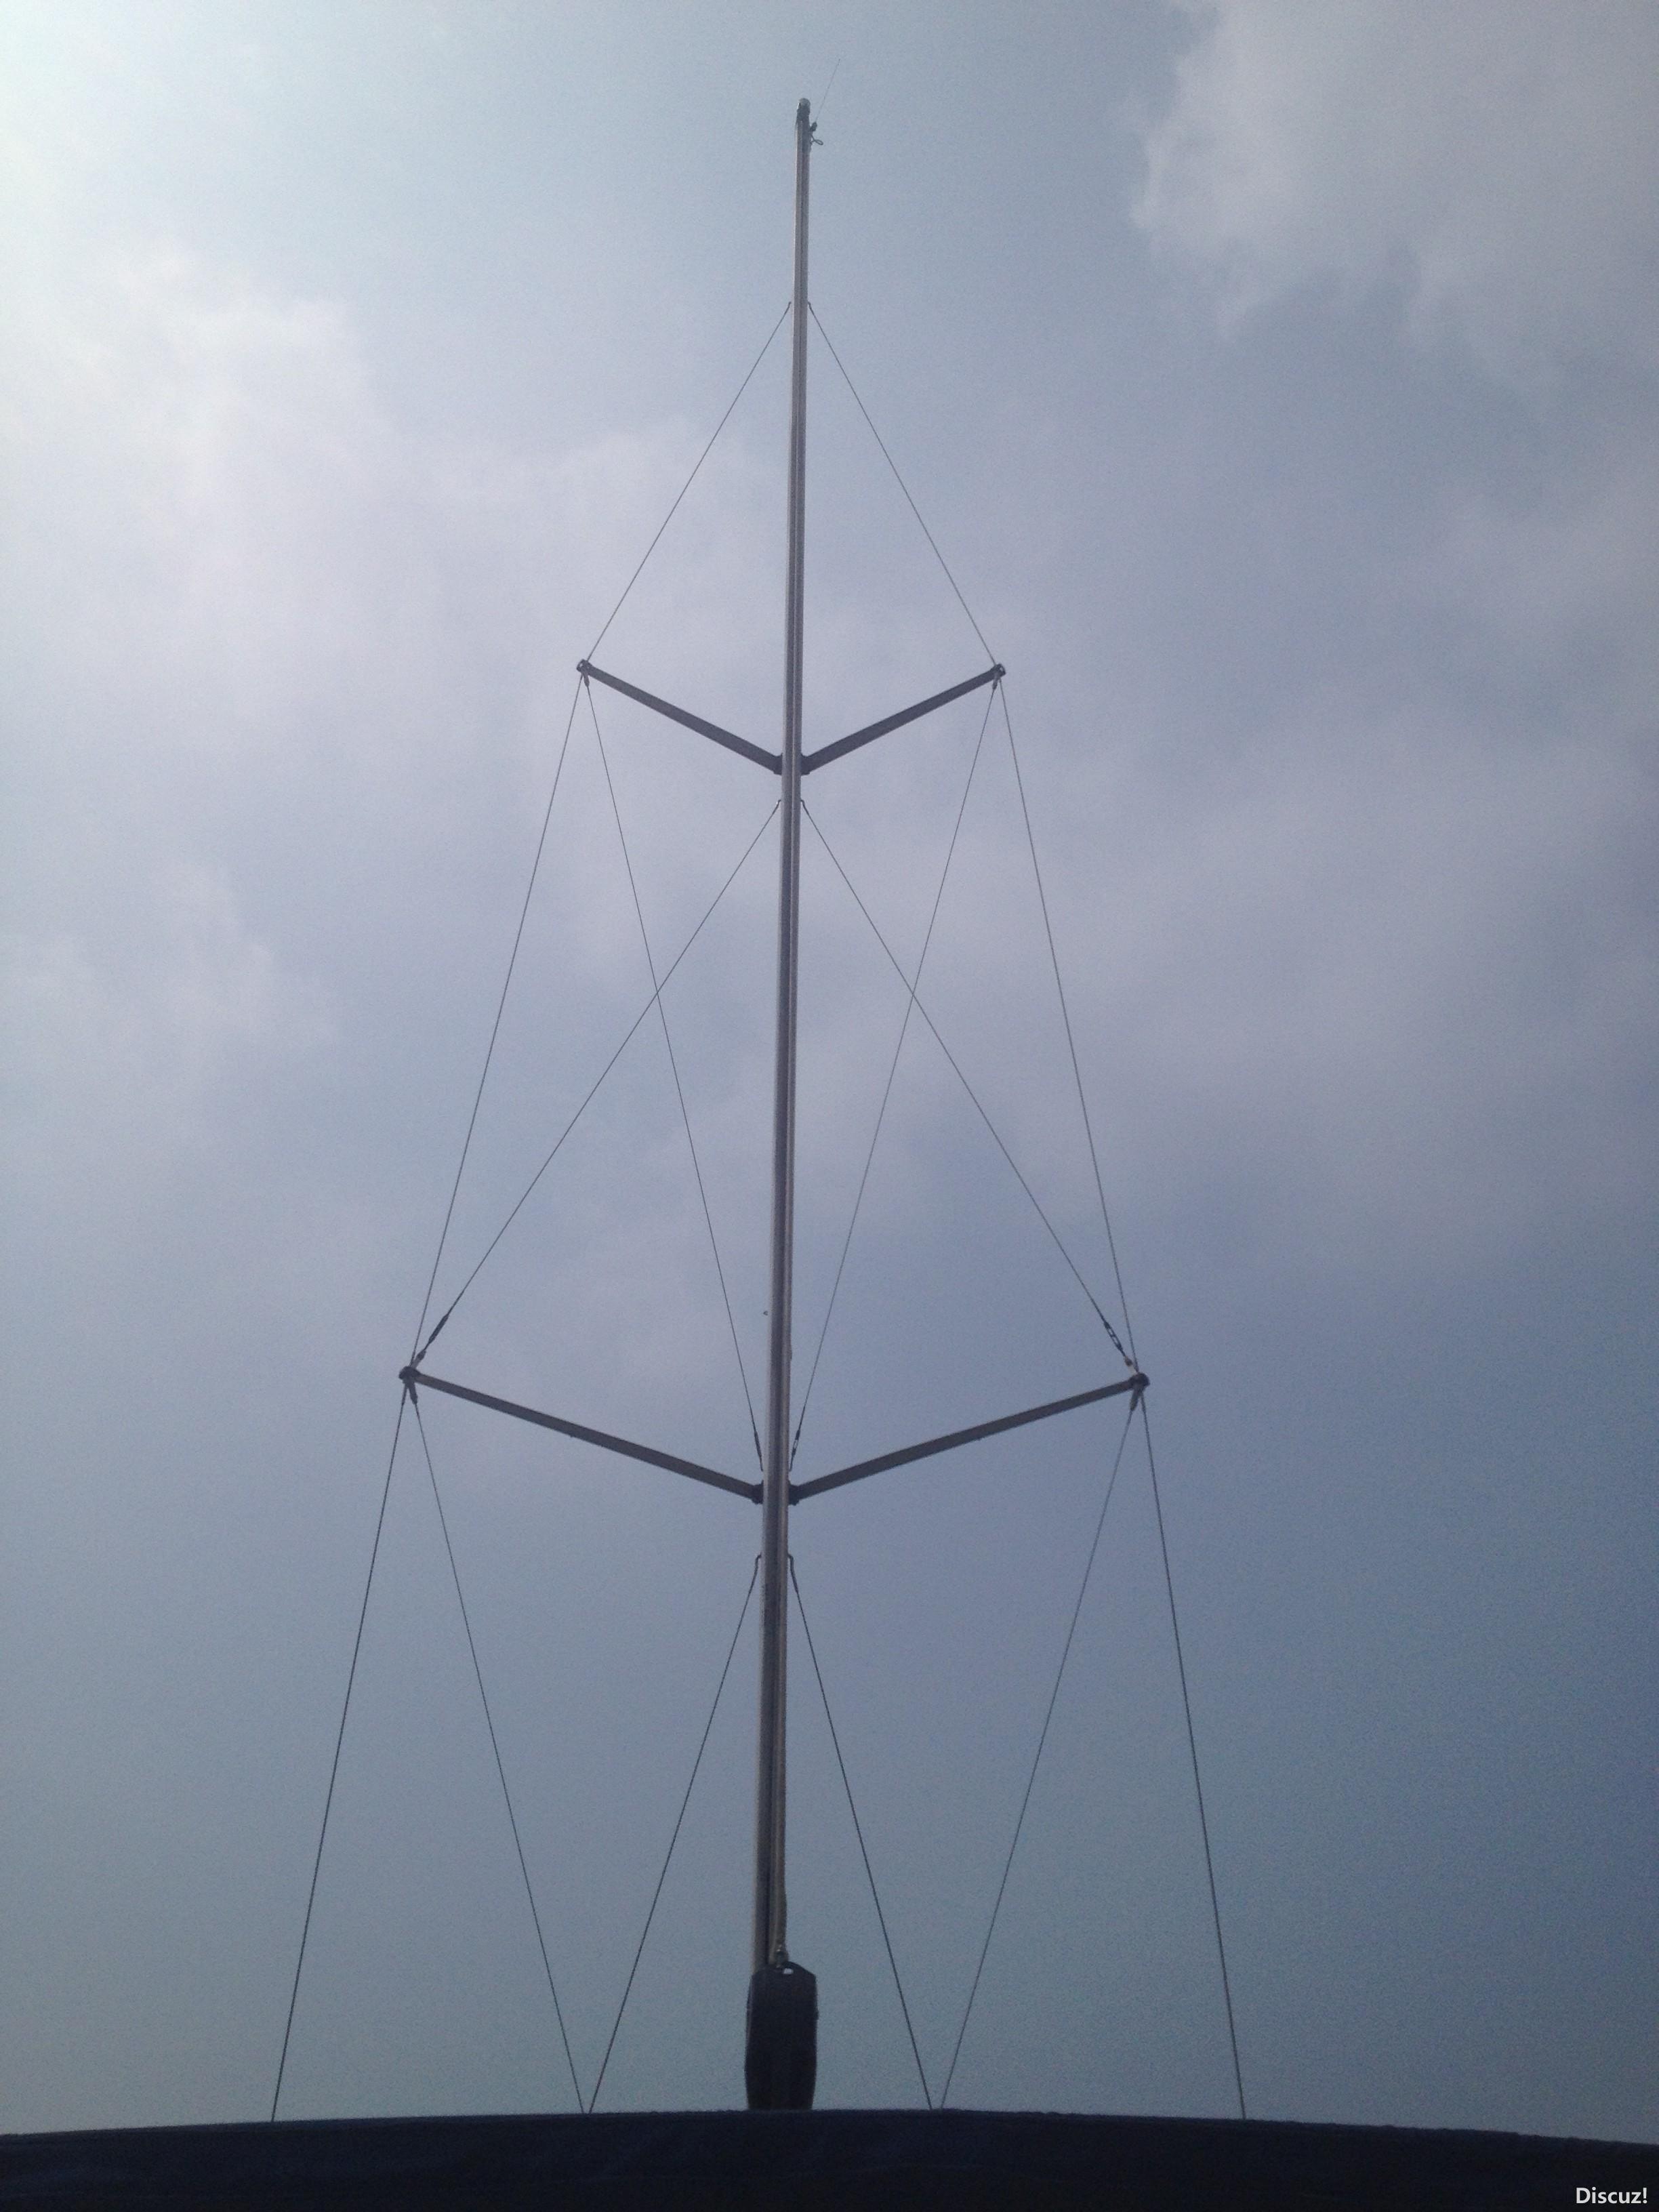 星海湾,大连 大连星海湾游艇展会 IMG_4441.JPG